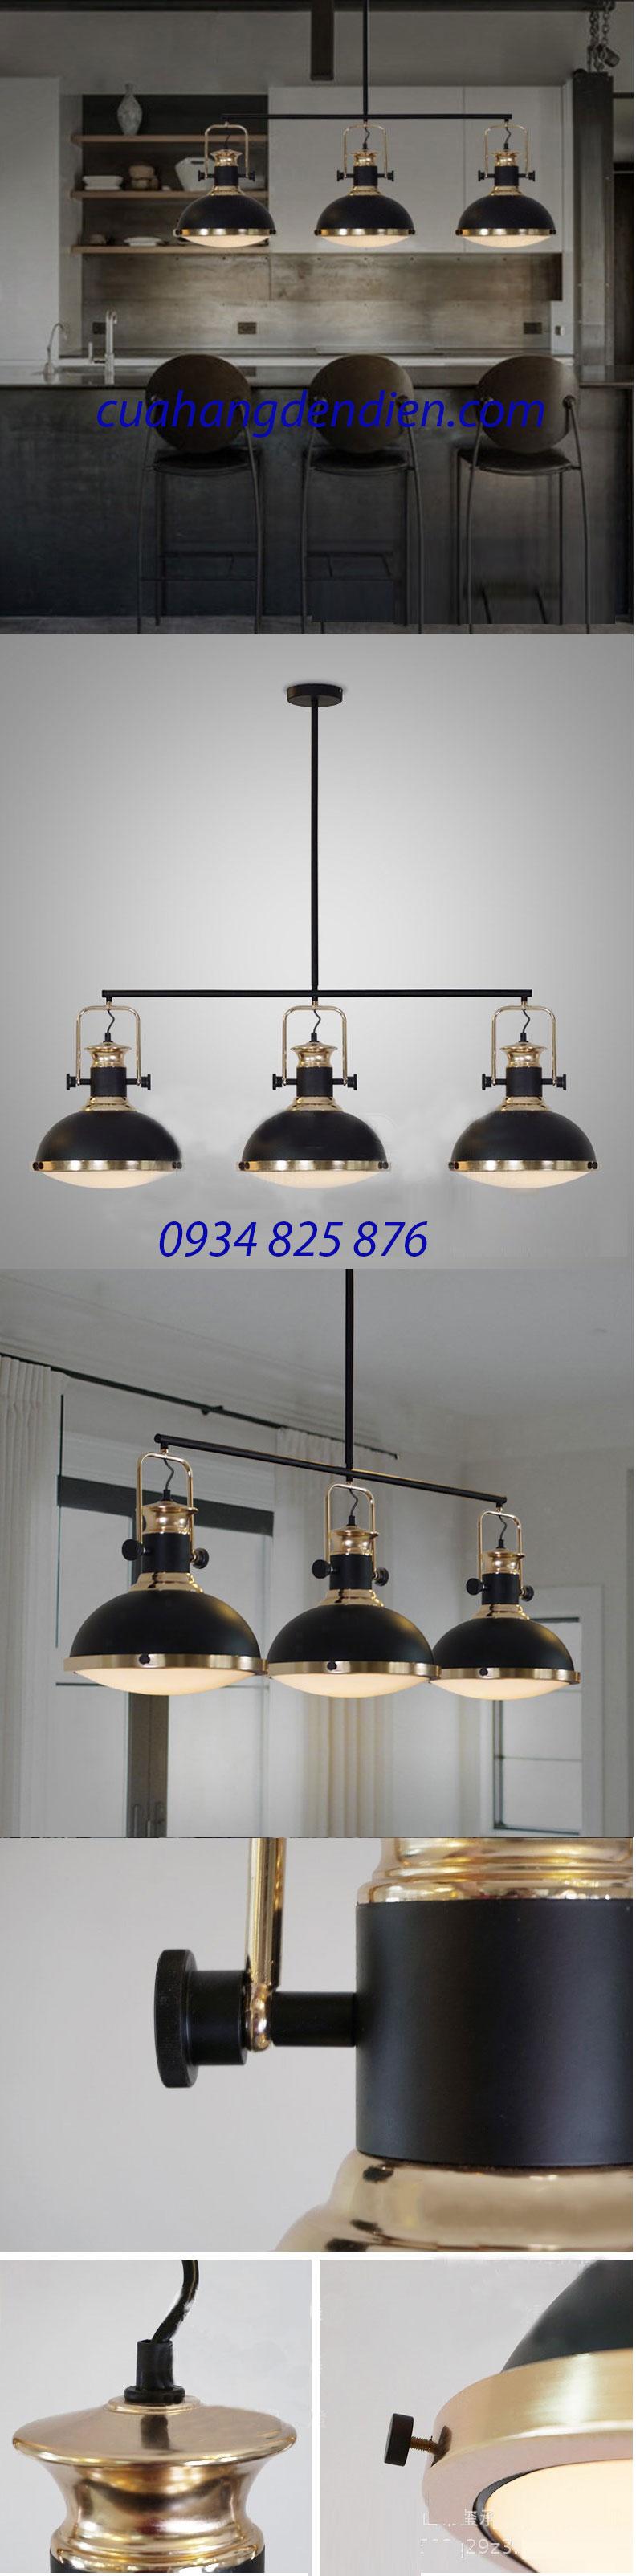 Đèn Thả Trang Trí -LT023